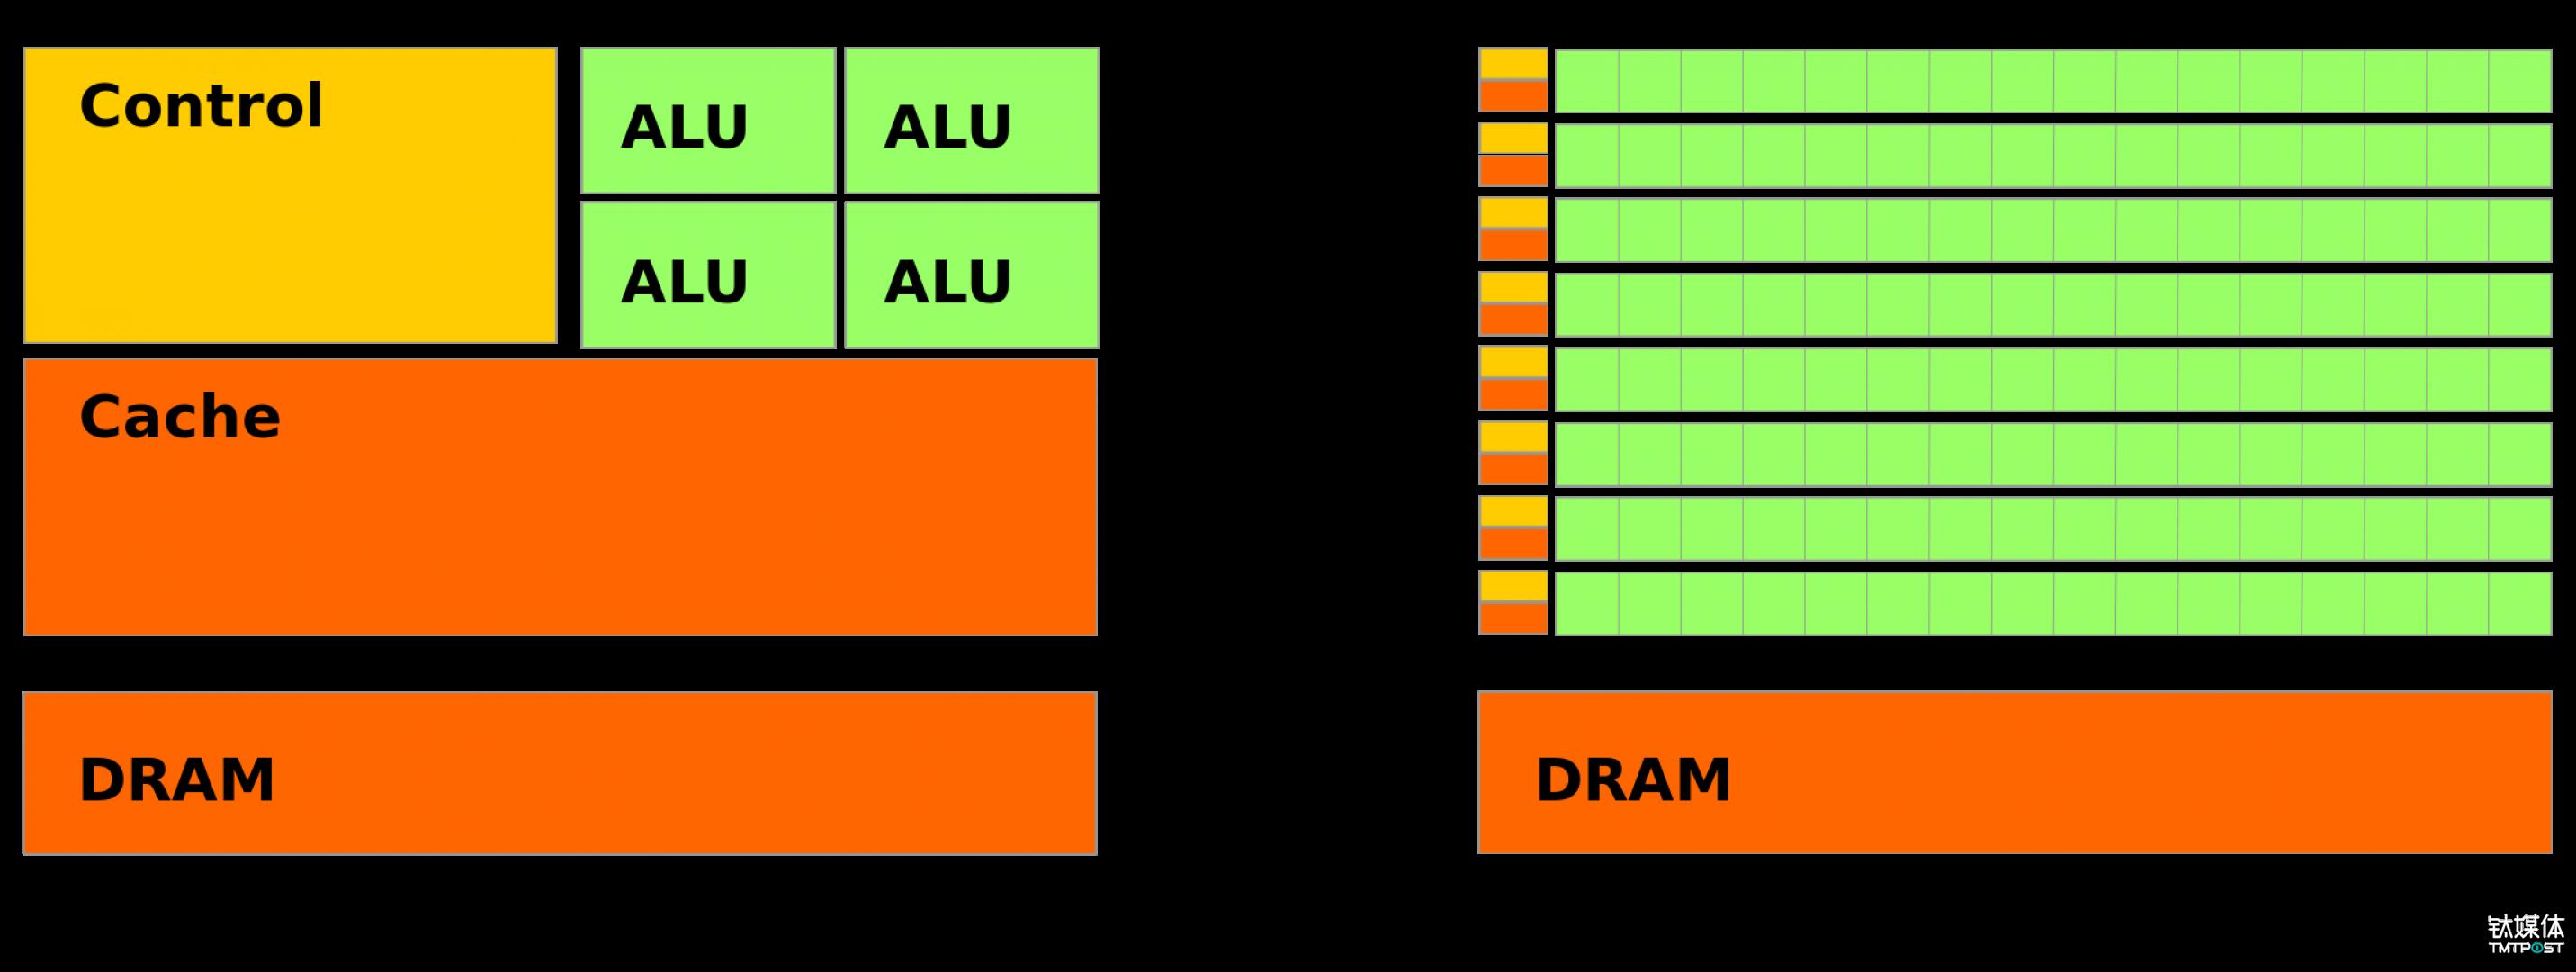 和 CPU 计算相比,GPU 计算有着不小的优越性